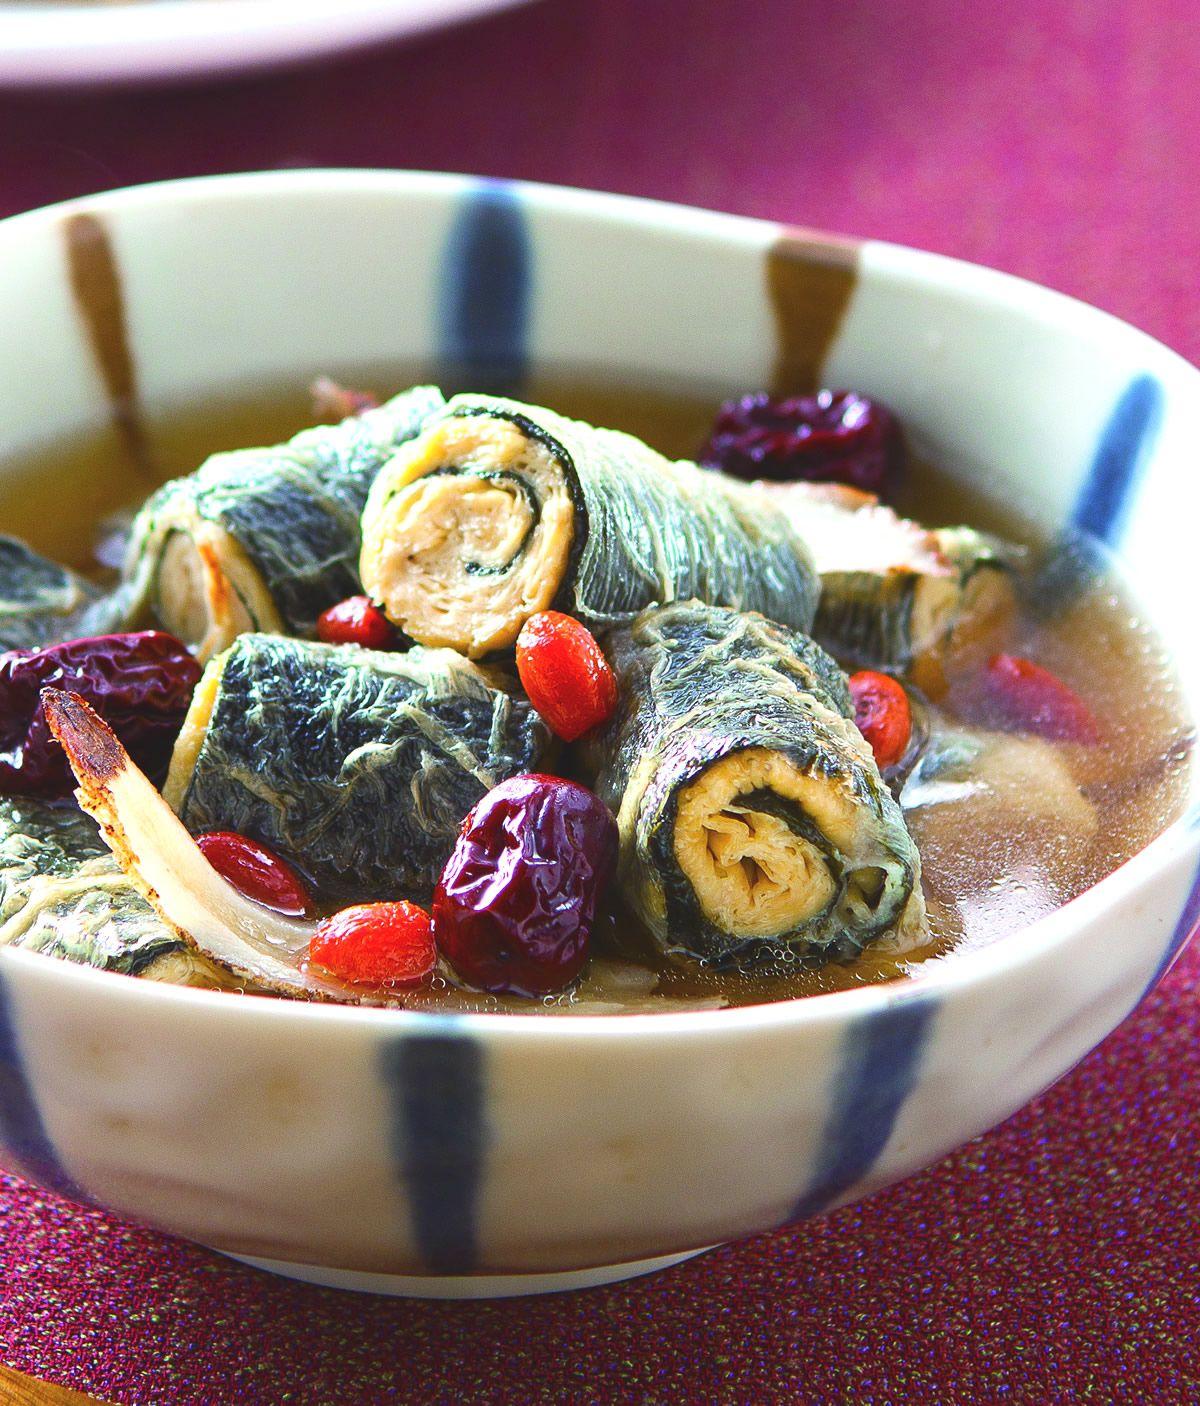 食譜:藥膳燉鰻魚